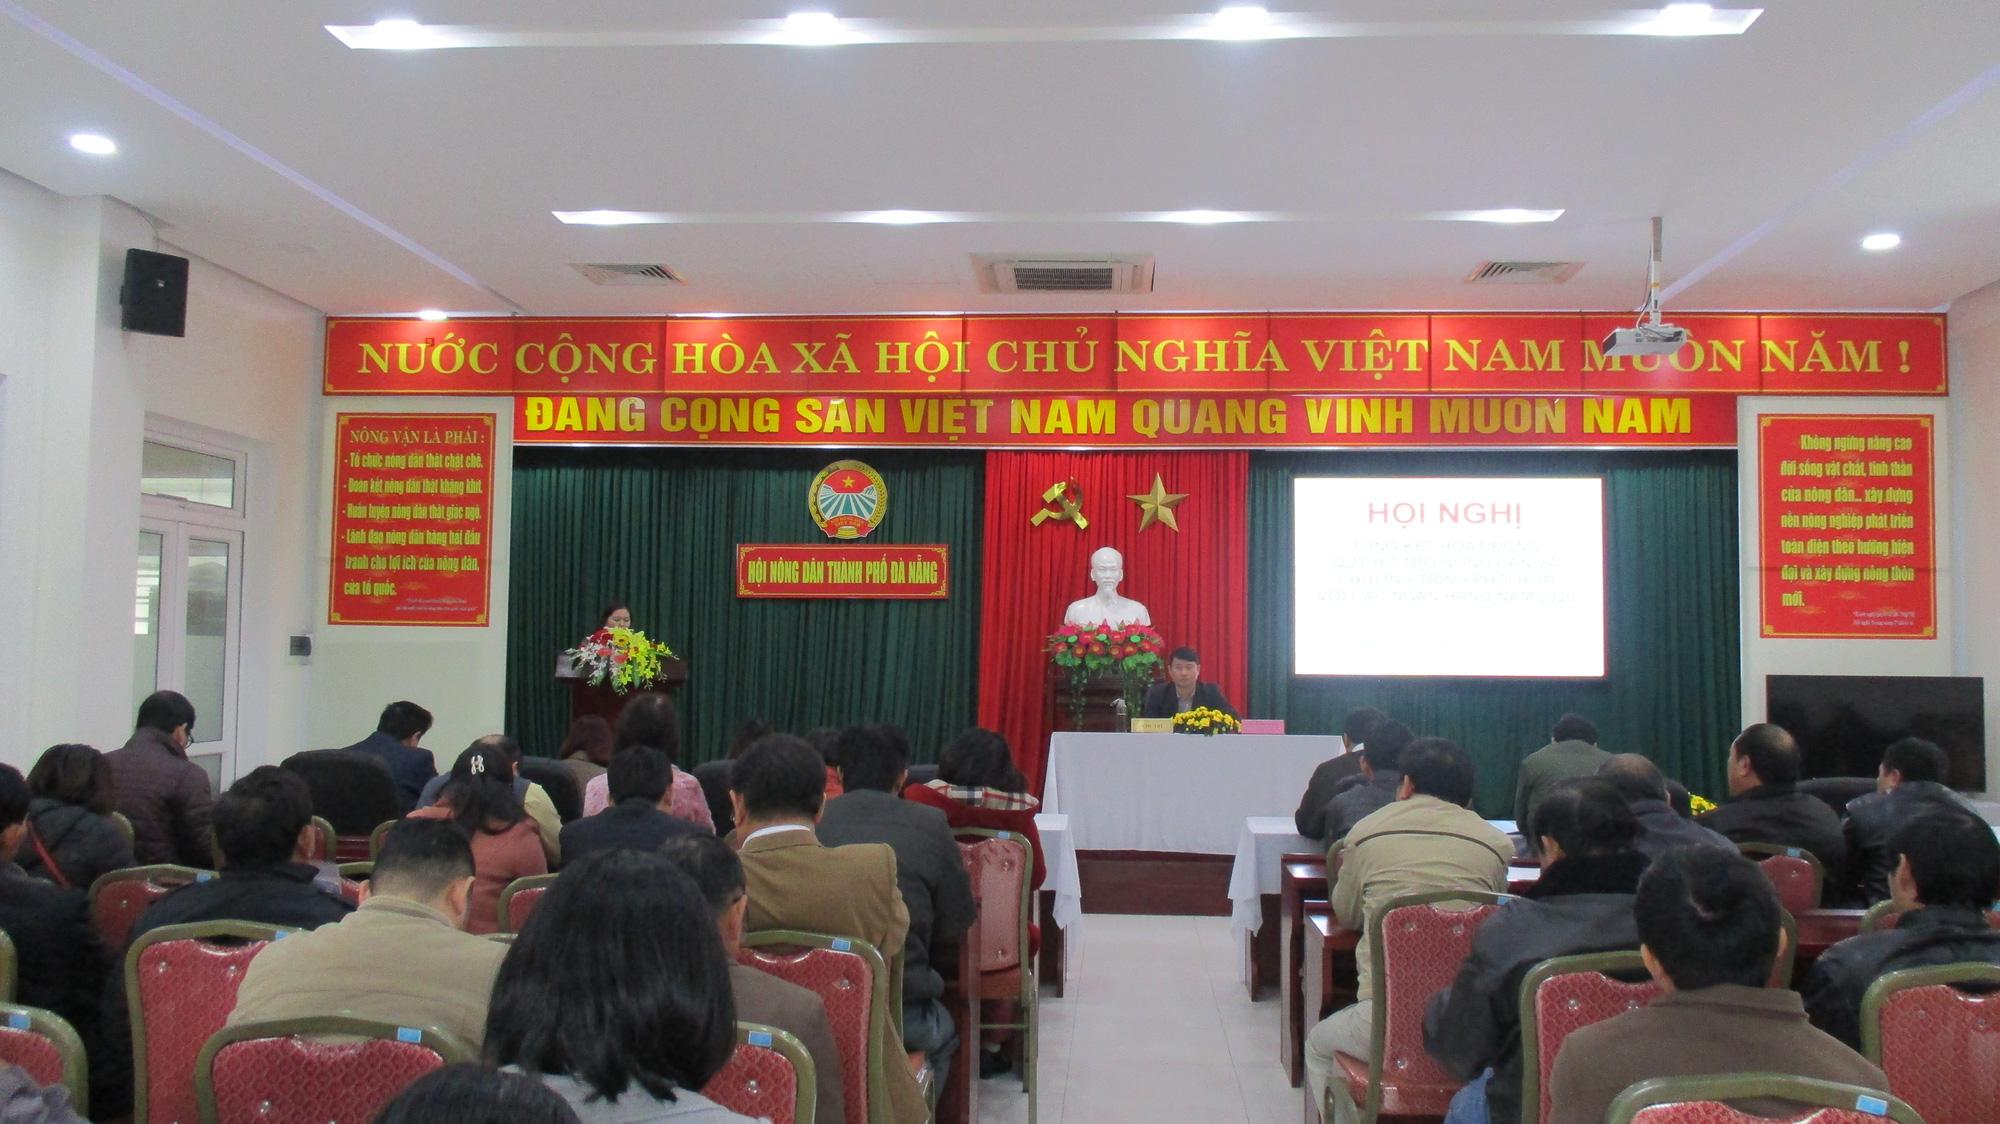 Đà Nẵng: Phát huy hiệu quả từ nguồn vốn của Quỹ hỗ trợ nông dân - Ảnh 4.